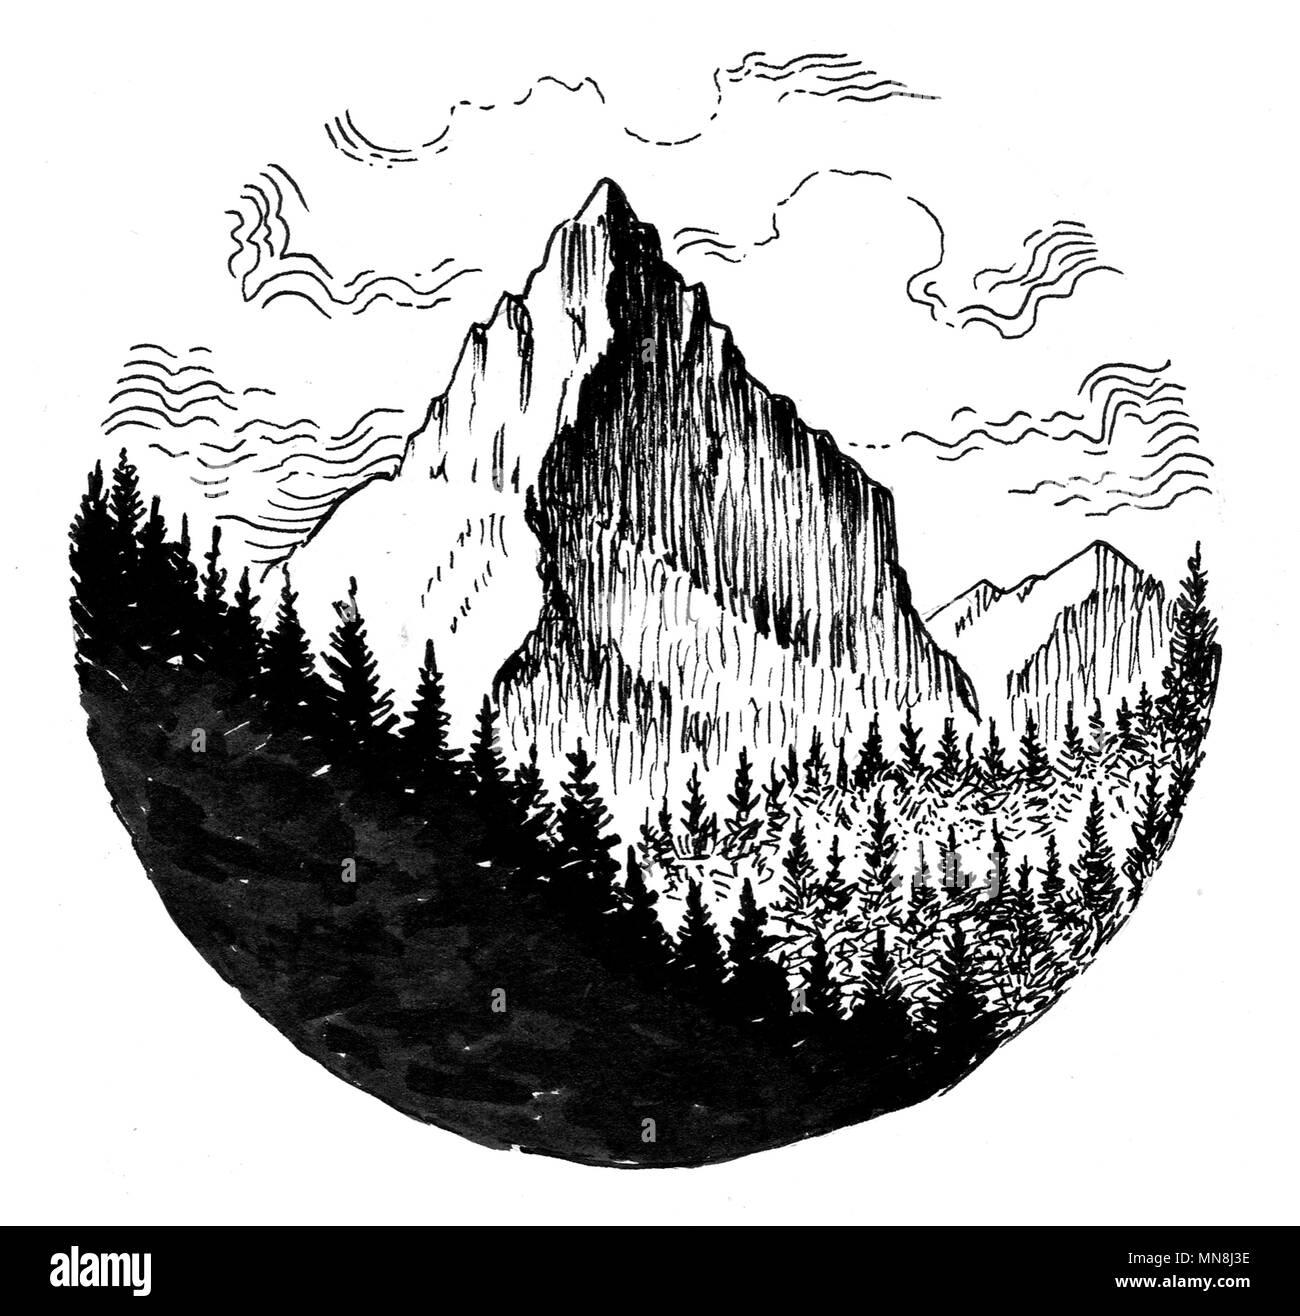 haute montagne dessin noir et blanc encre banque d 39 images photo stock 185201282 alamy. Black Bedroom Furniture Sets. Home Design Ideas